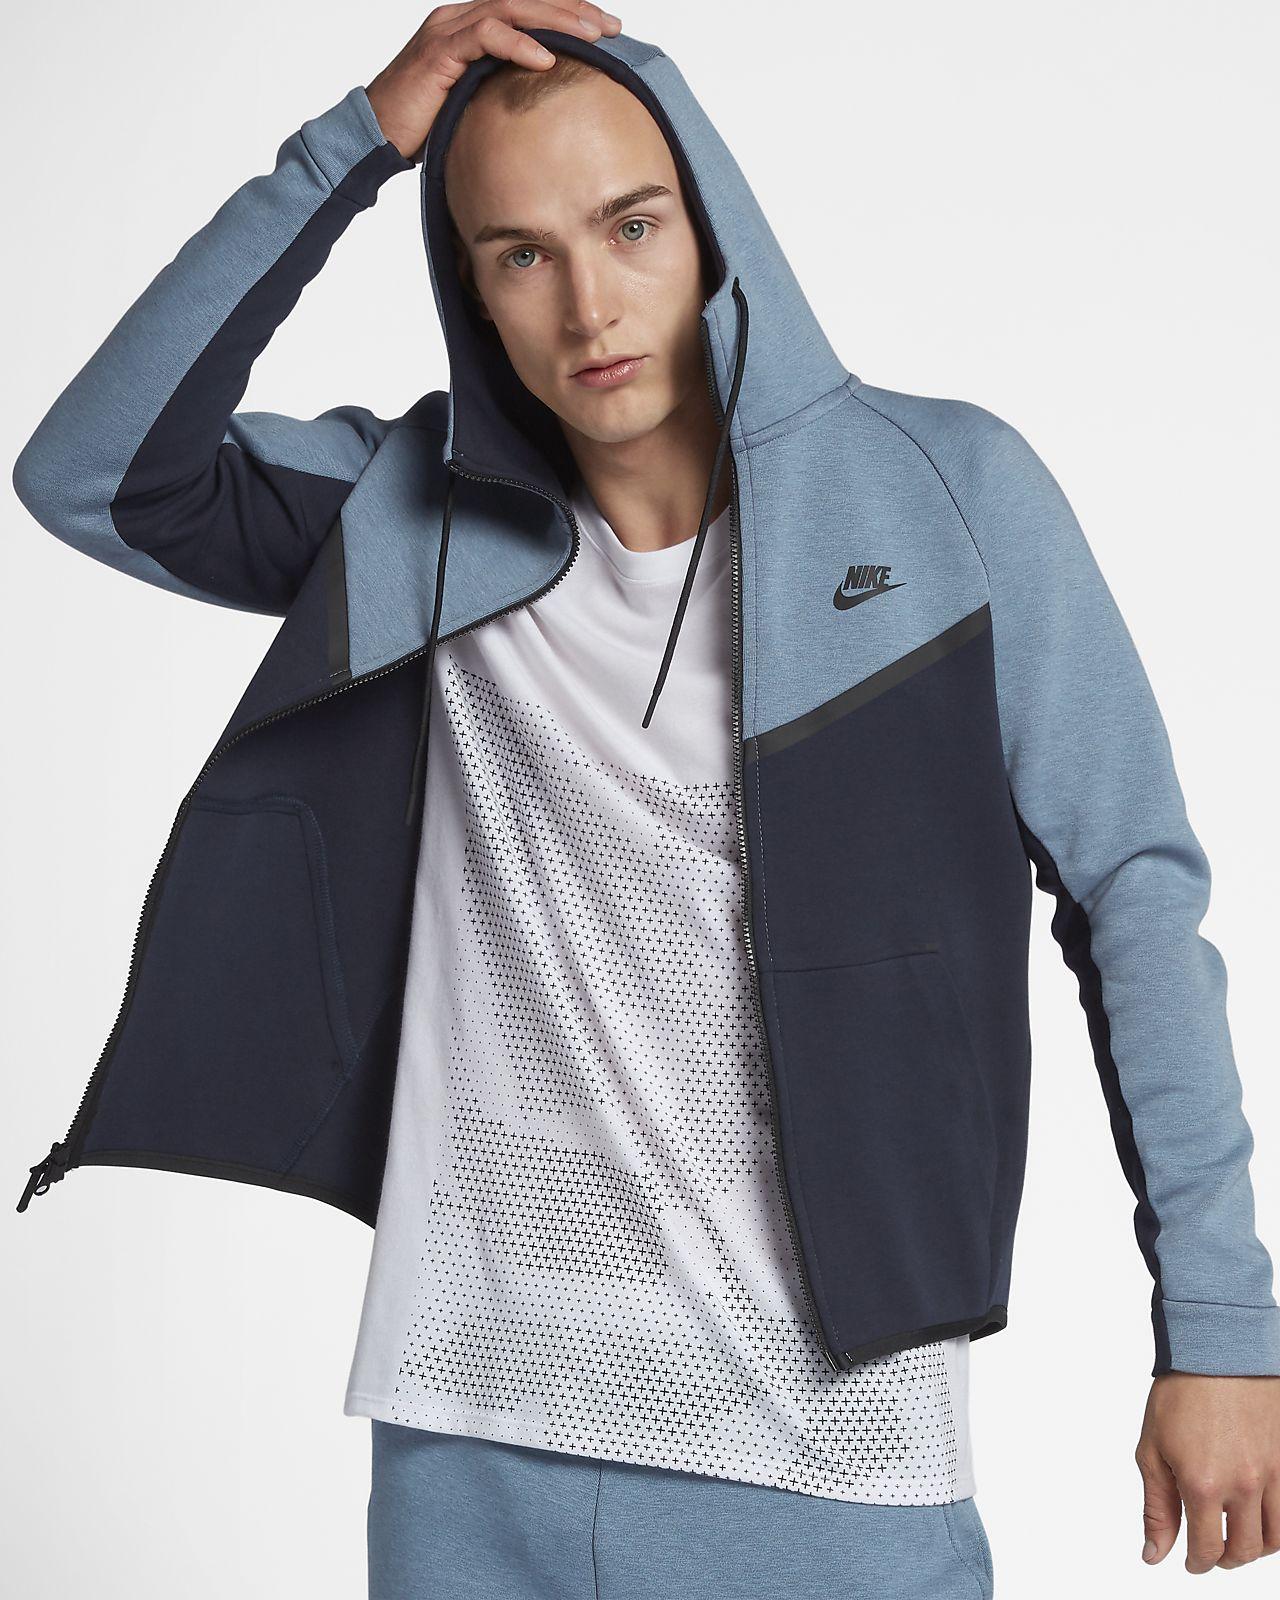 Nike Sportswear Tech Fleece Windrunner Men S Full Zip Hoodie Nike Tech Fleece Jacket Nike Tech Fleece Pants Nike Clothes Mens [ 1600 x 1280 Pixel ]